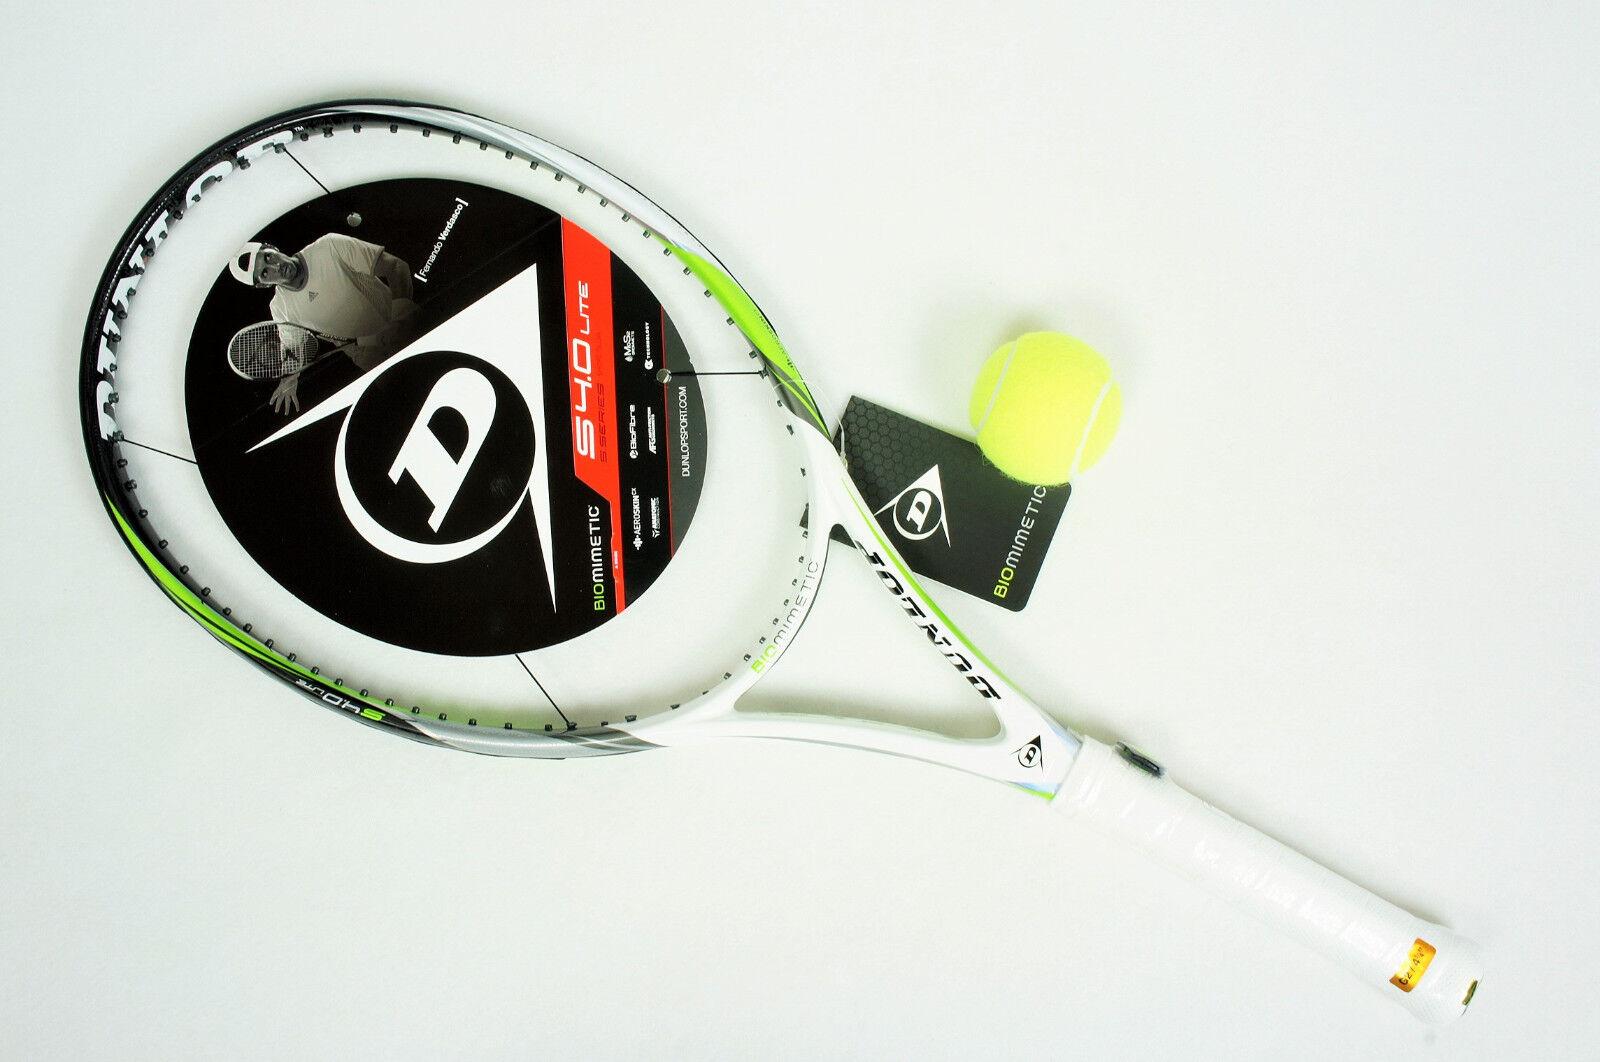 ¡ nuevo  Dunlop Biomimetic S4.0 Lite 4 1 4 Raqueta De Tenis (  2549 años)